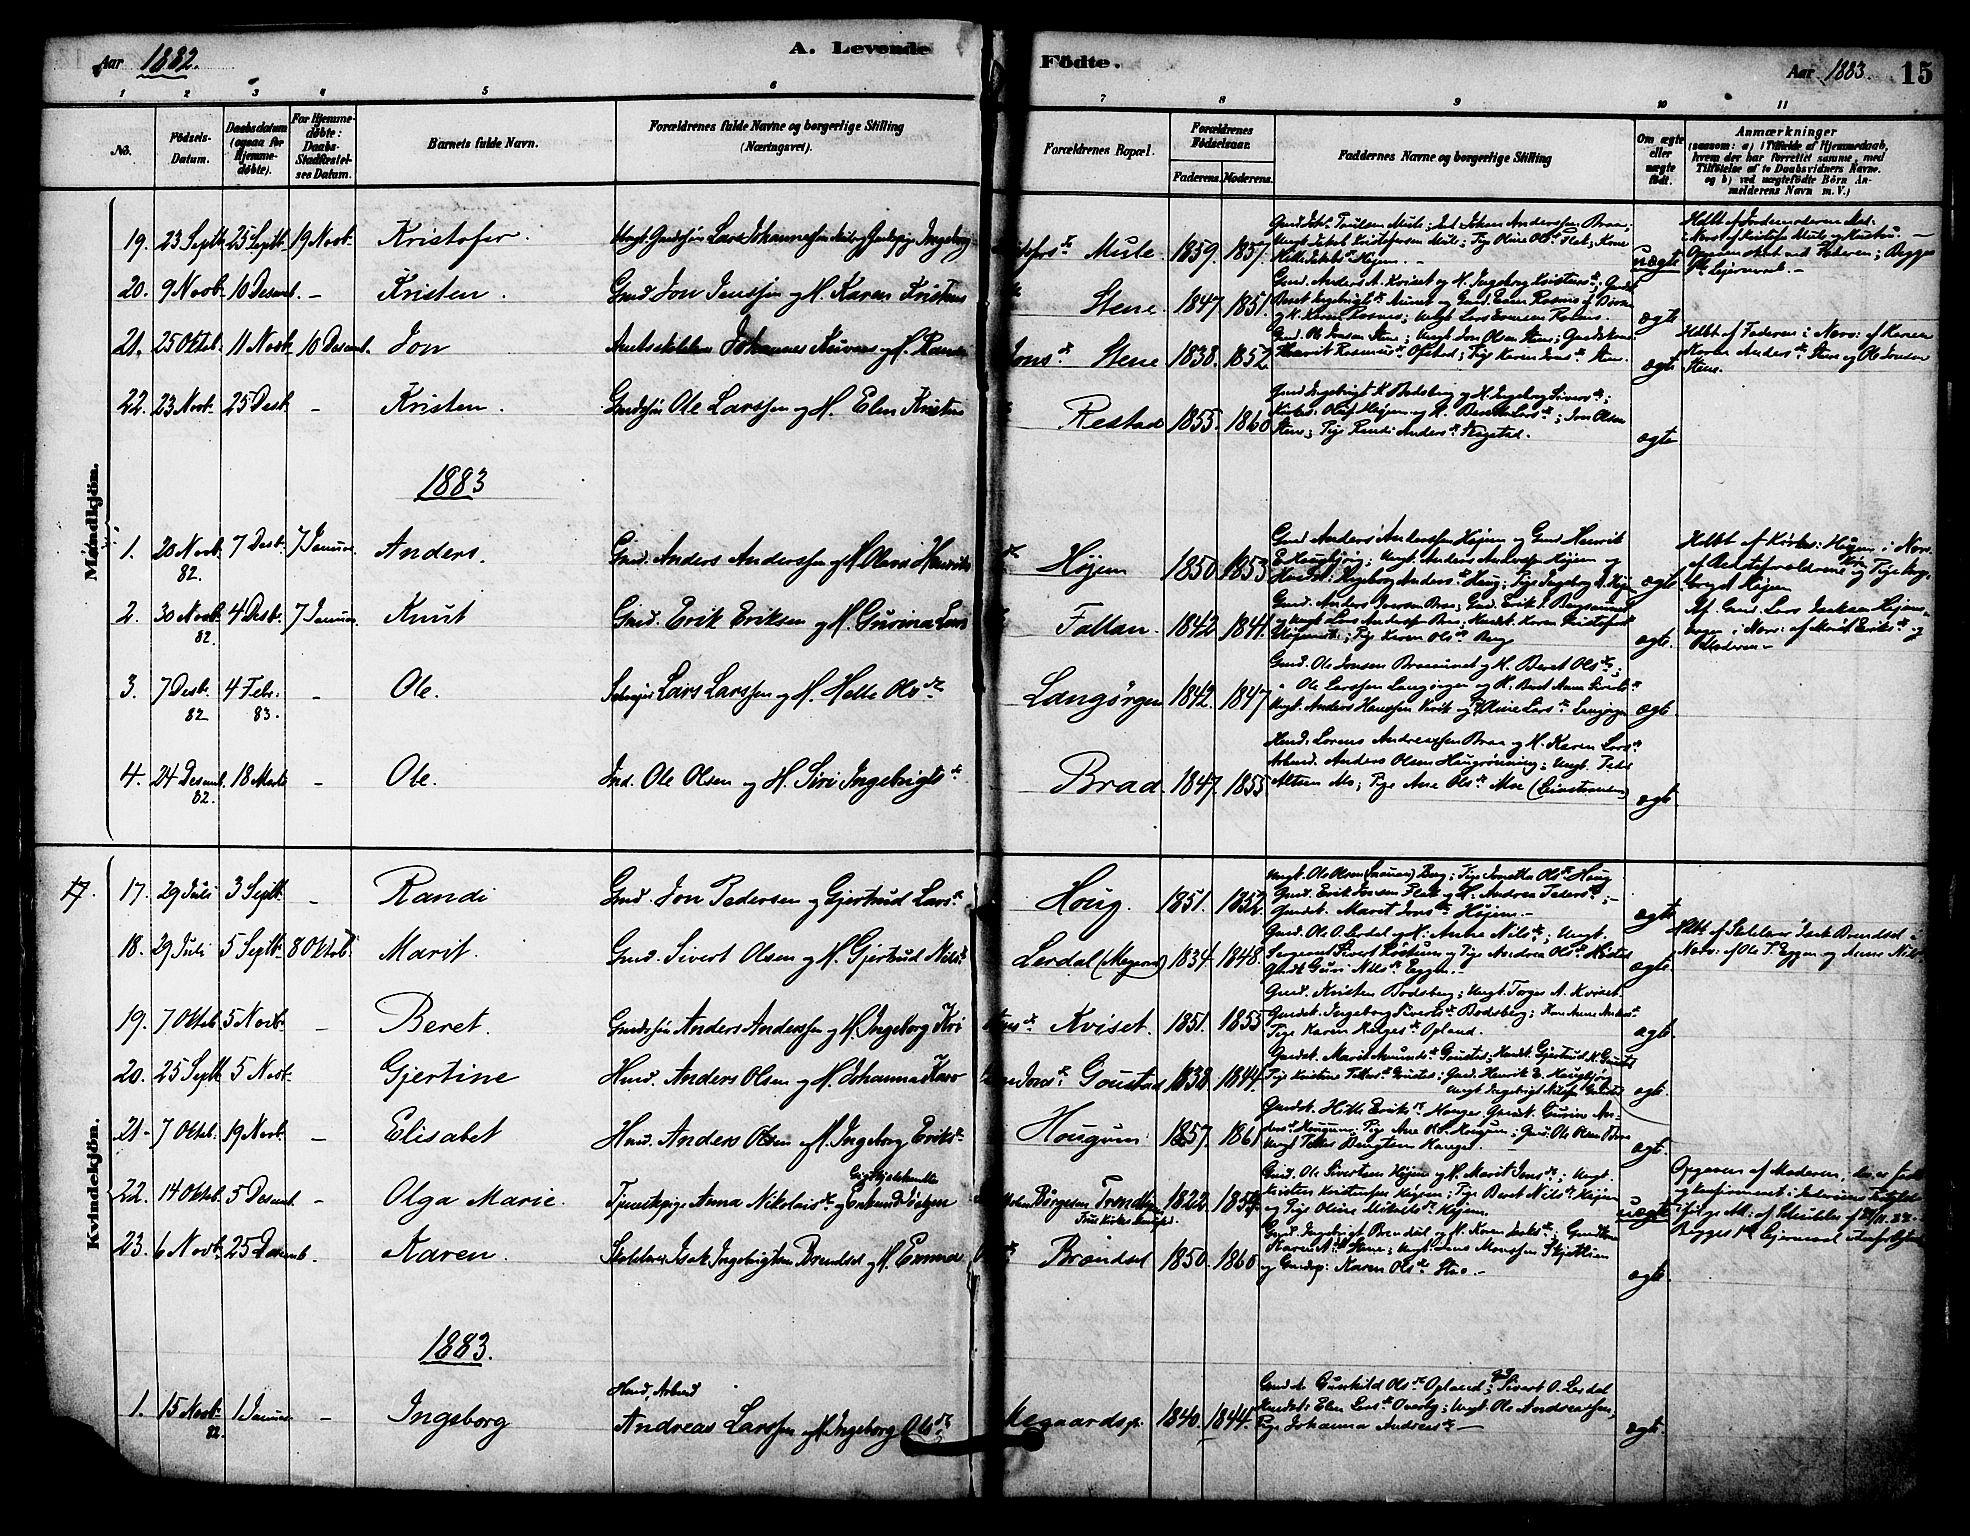 SAT, Ministerialprotokoller, klokkerbøker og fødselsregistre - Sør-Trøndelag, 612/L0378: Ministerialbok nr. 612A10, 1878-1897, s. 15